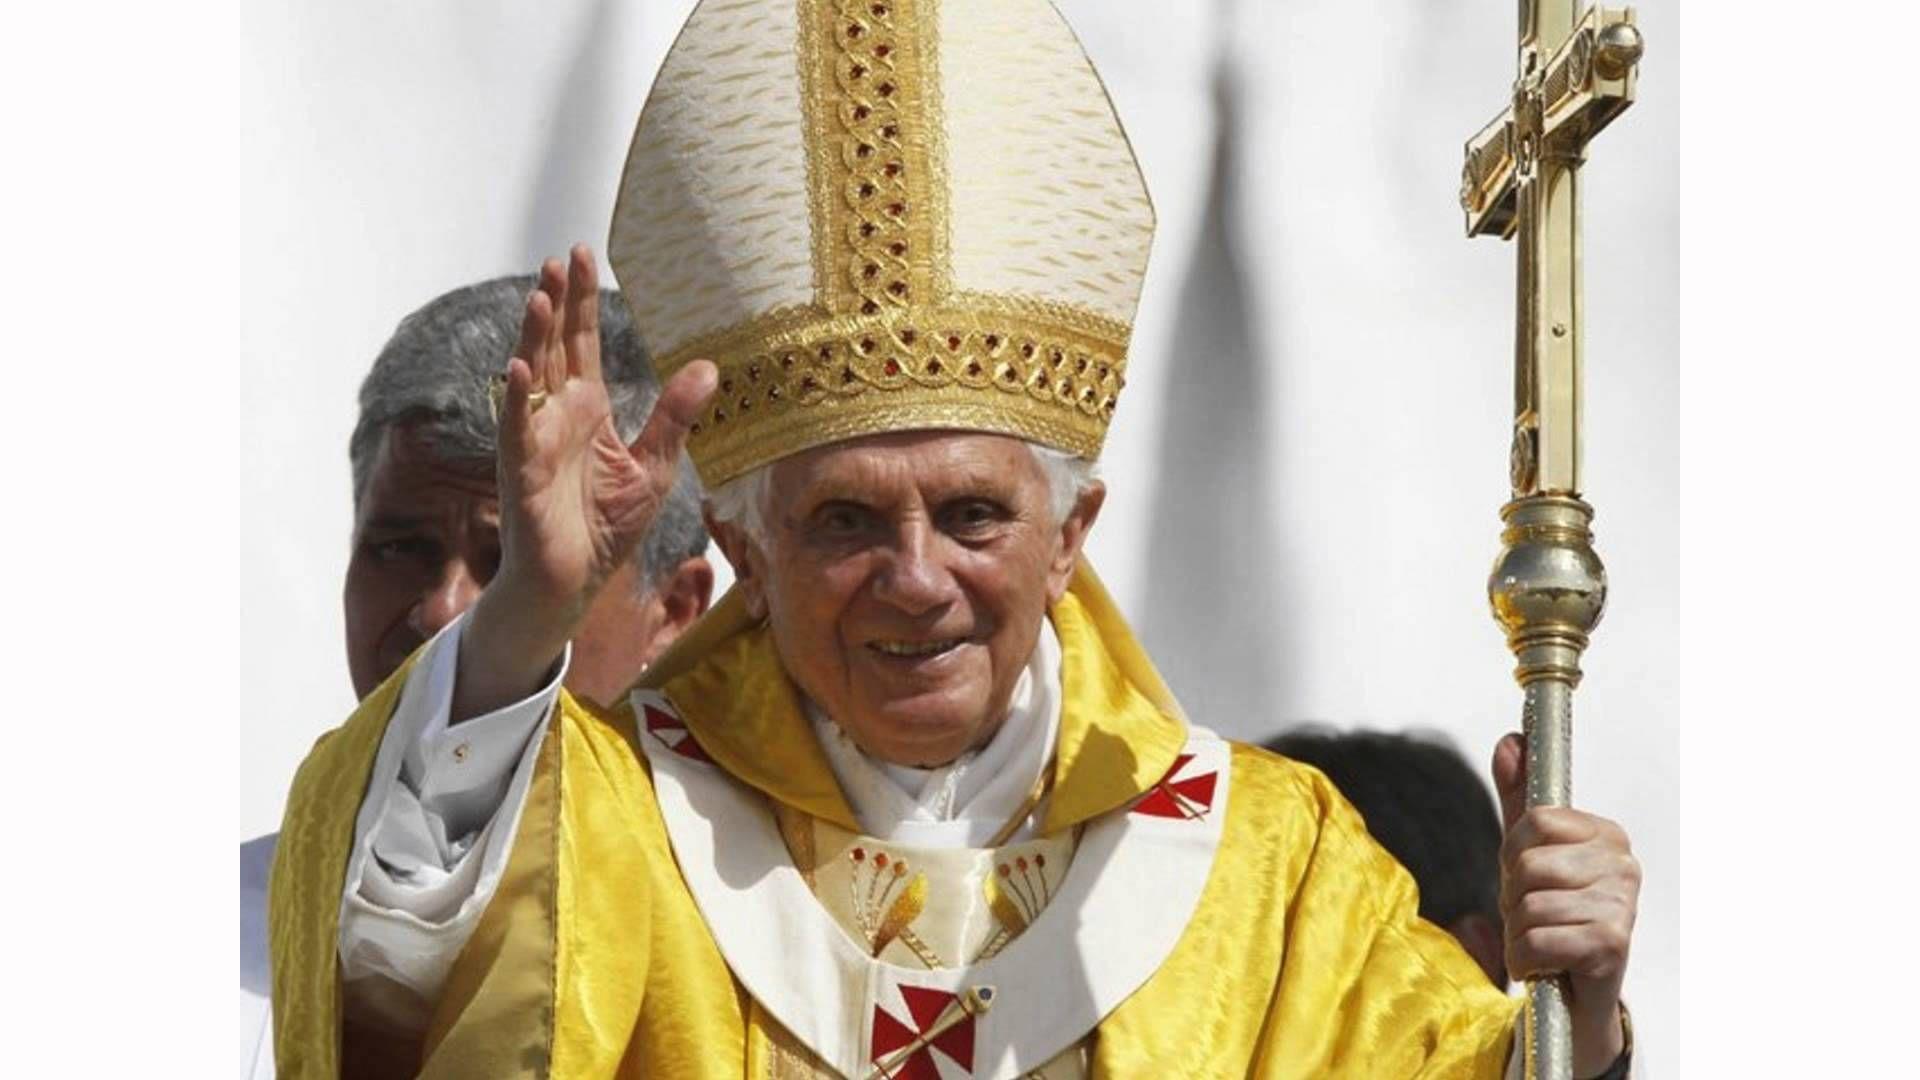 Armando Alducin, conferencia cristiana las herejías de Roma